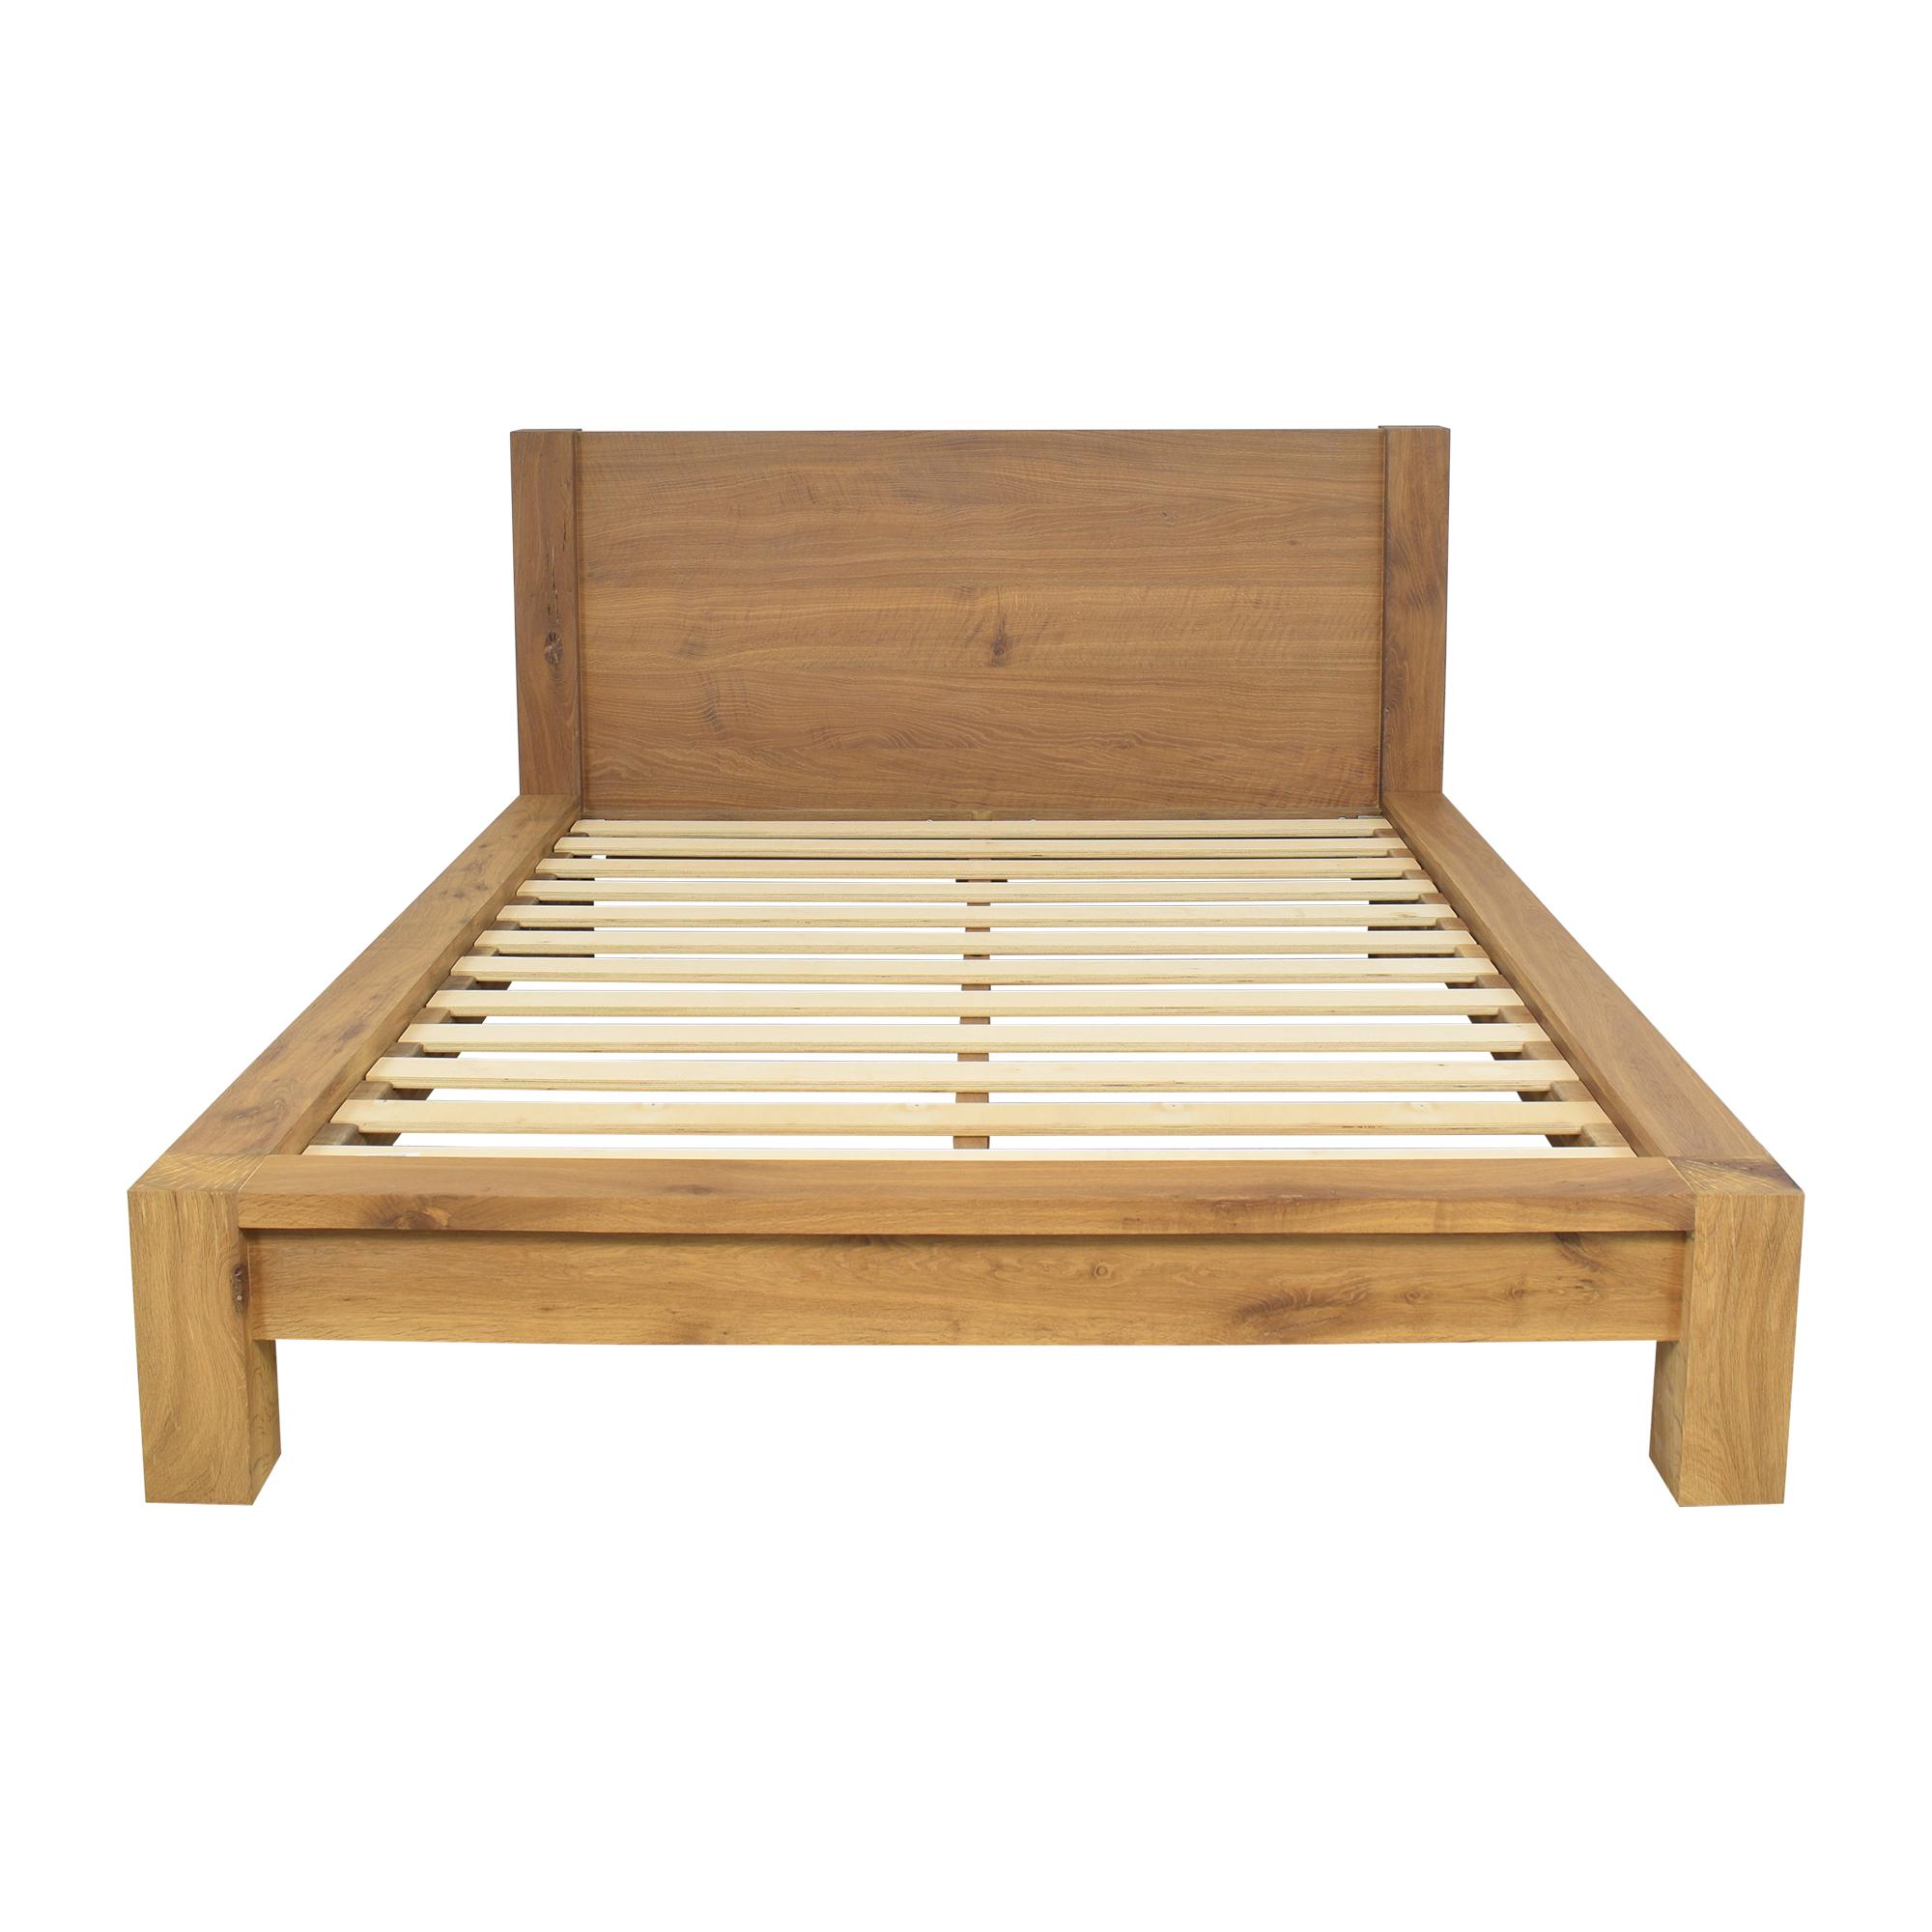 Crate & Barrel Crate & Barrel Big Sur Queen Bed Frame